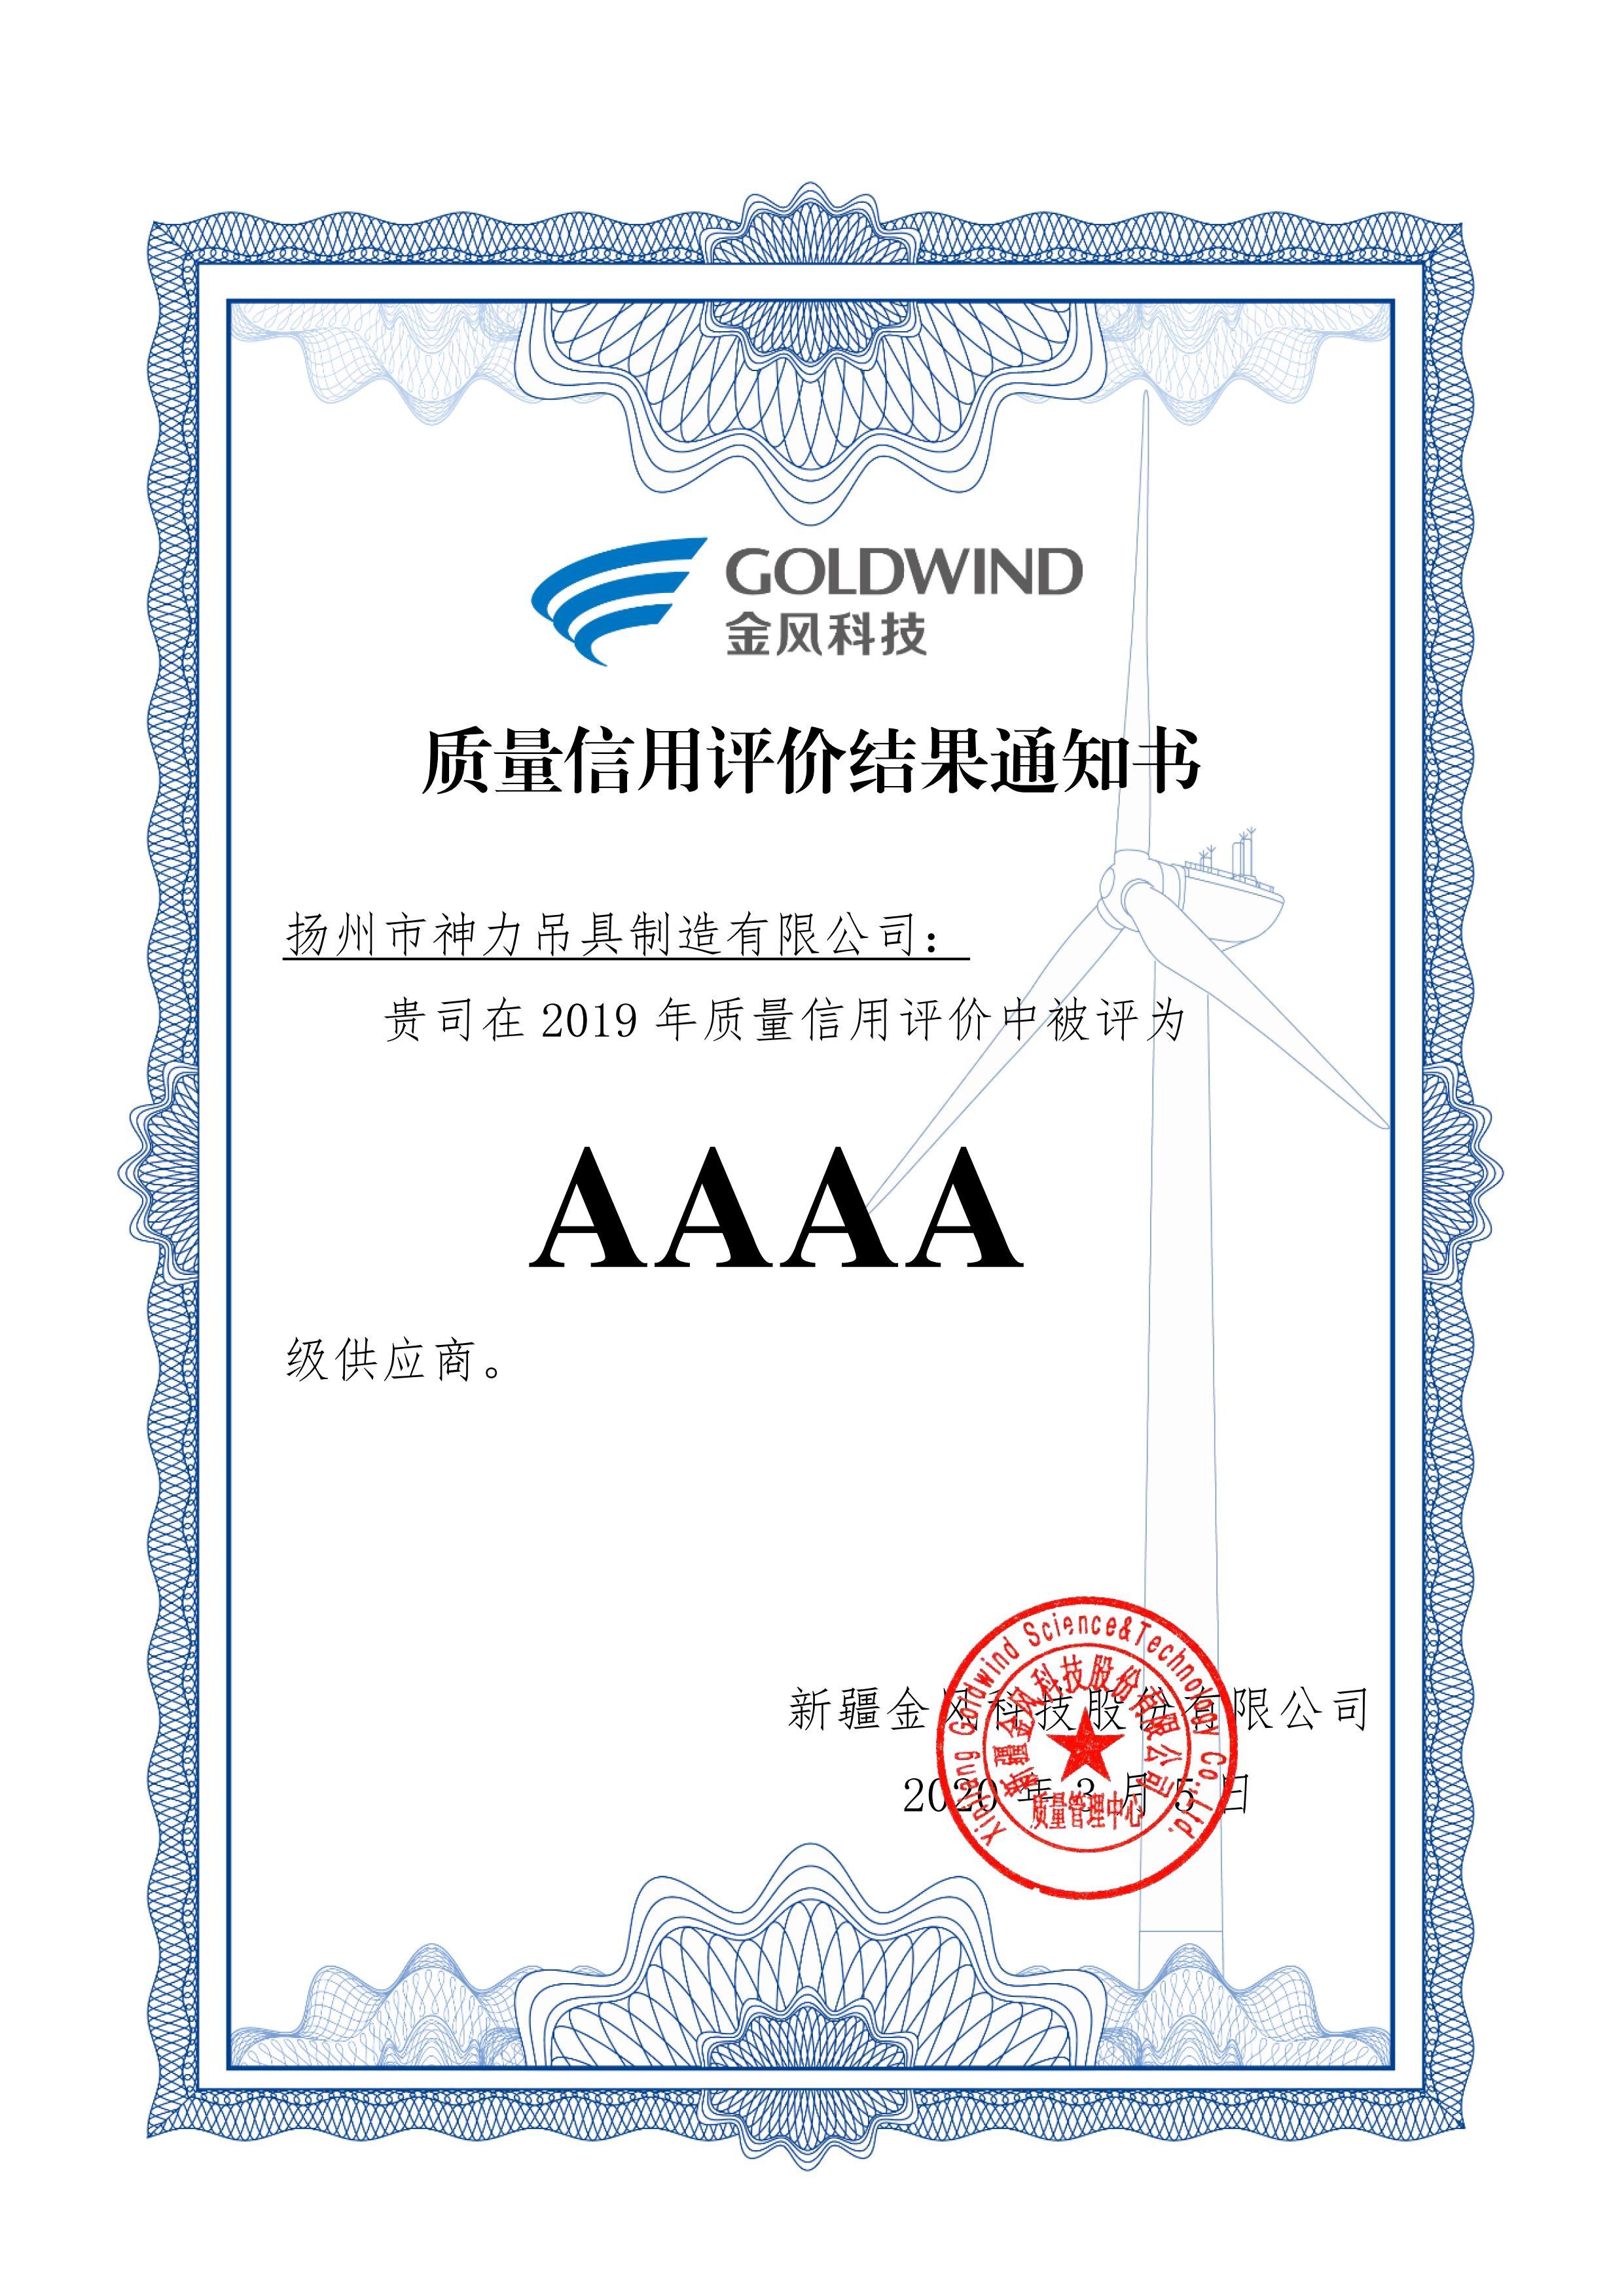 质量信用评价结果通知书-扬州市神力吊具制造有限公司_02